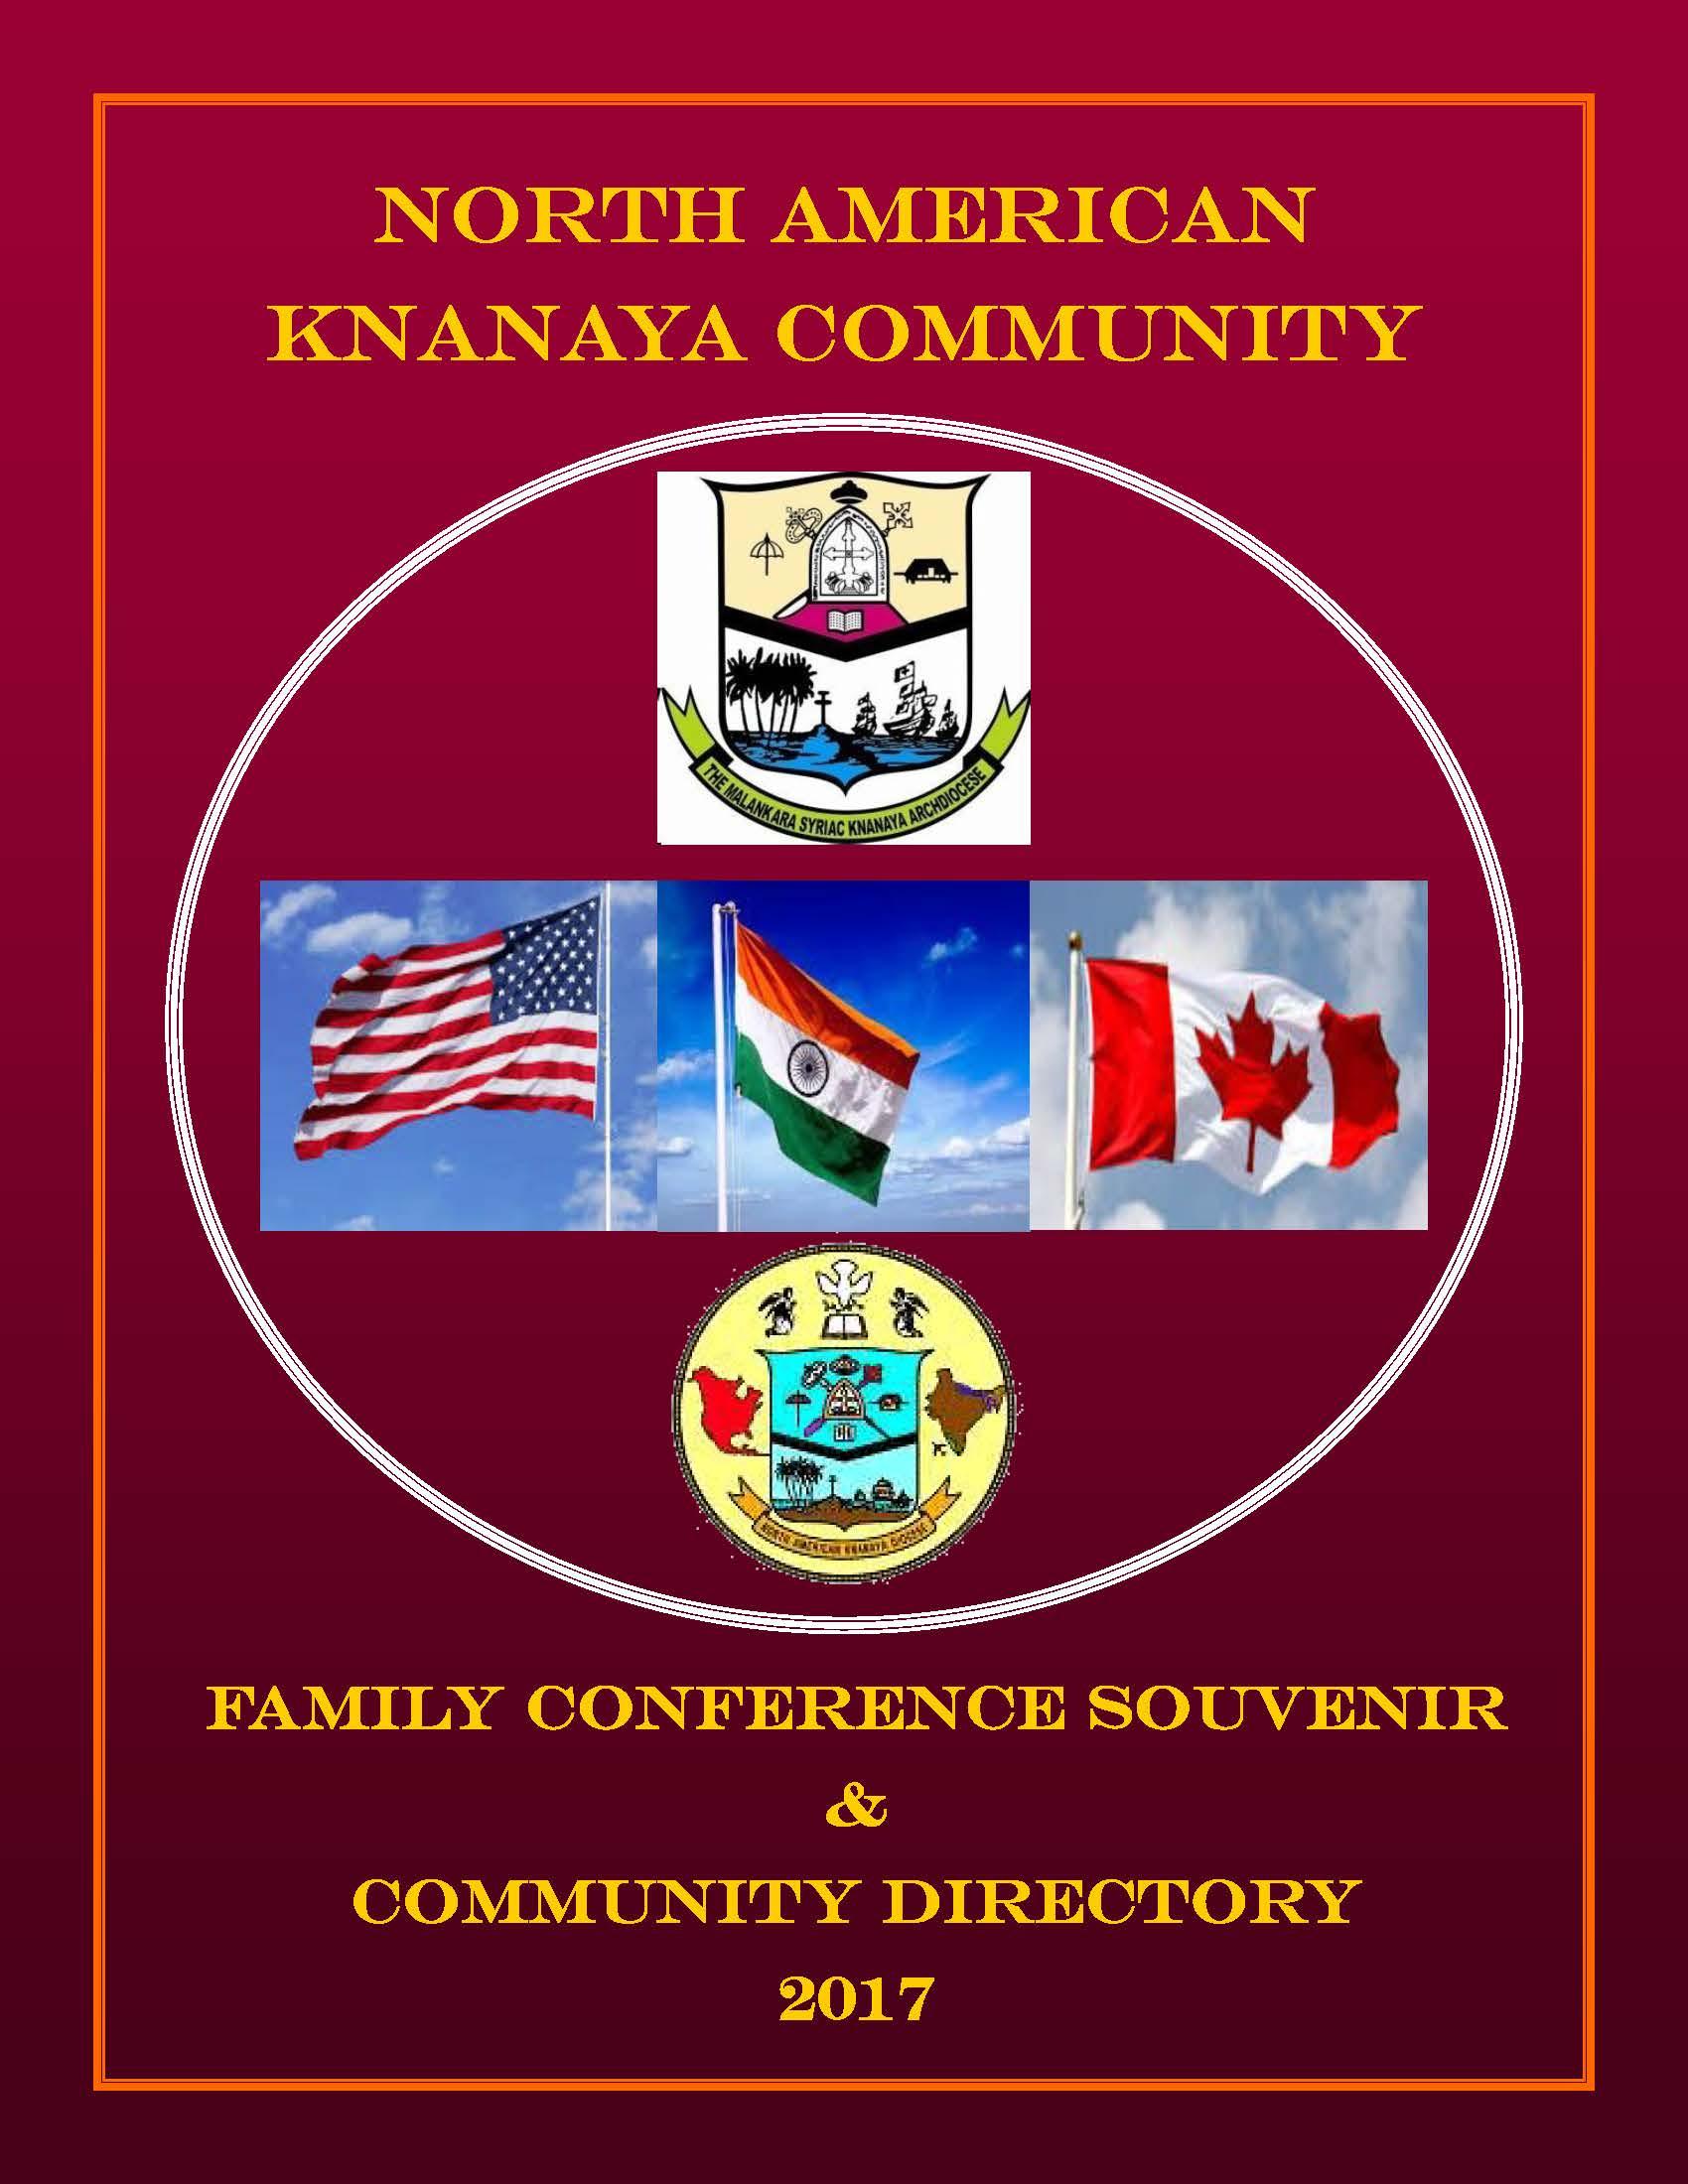 North American Knanaya Family Conference  2017